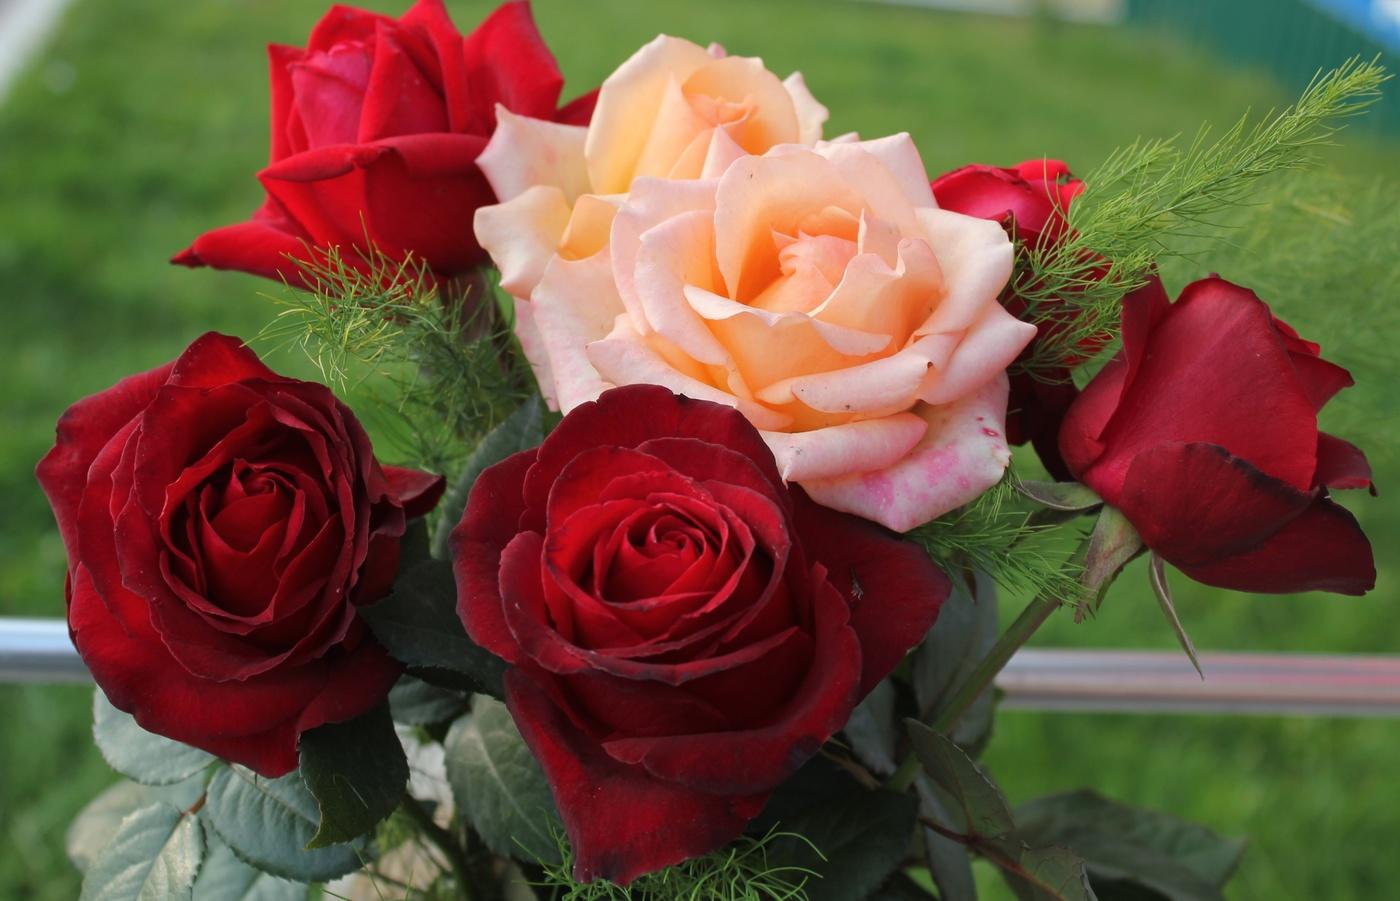 весной розы открытки фотографии несколько